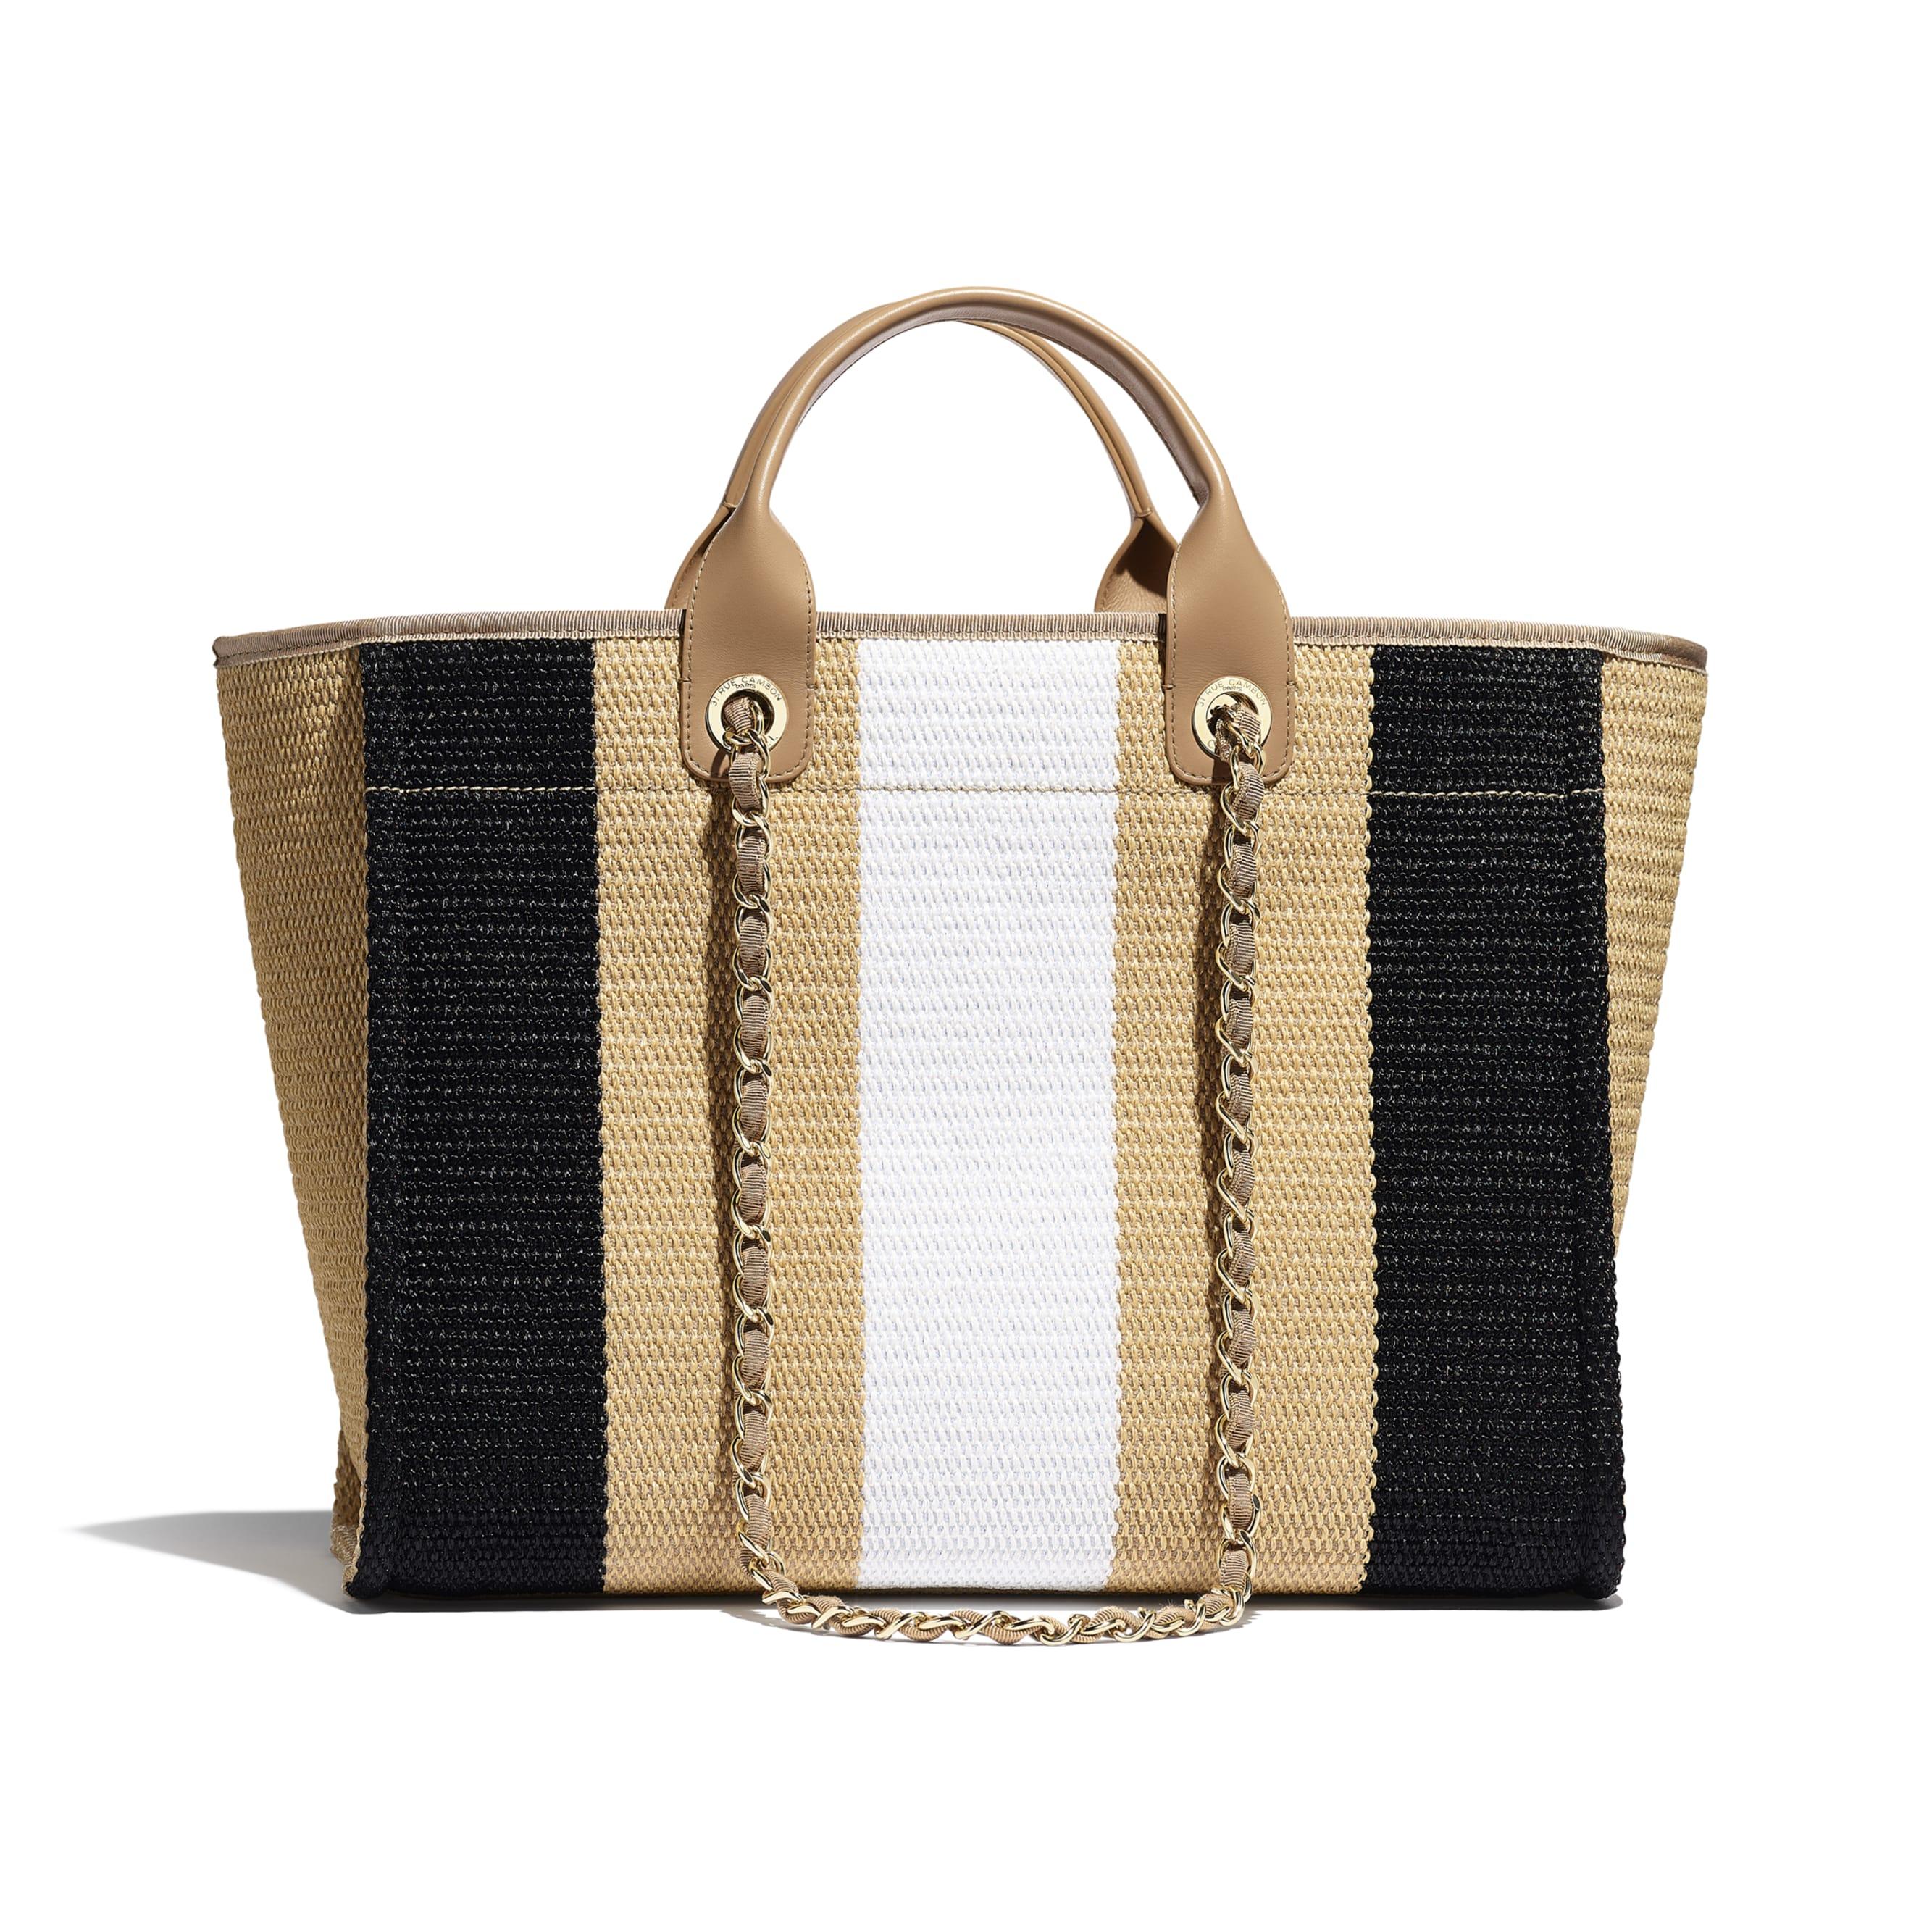 購物包 - 米、黑 & 象牙白 - 人造絲、小牛皮 & 金色金屬 - 替代視圖 - 查看標準尺寸版本